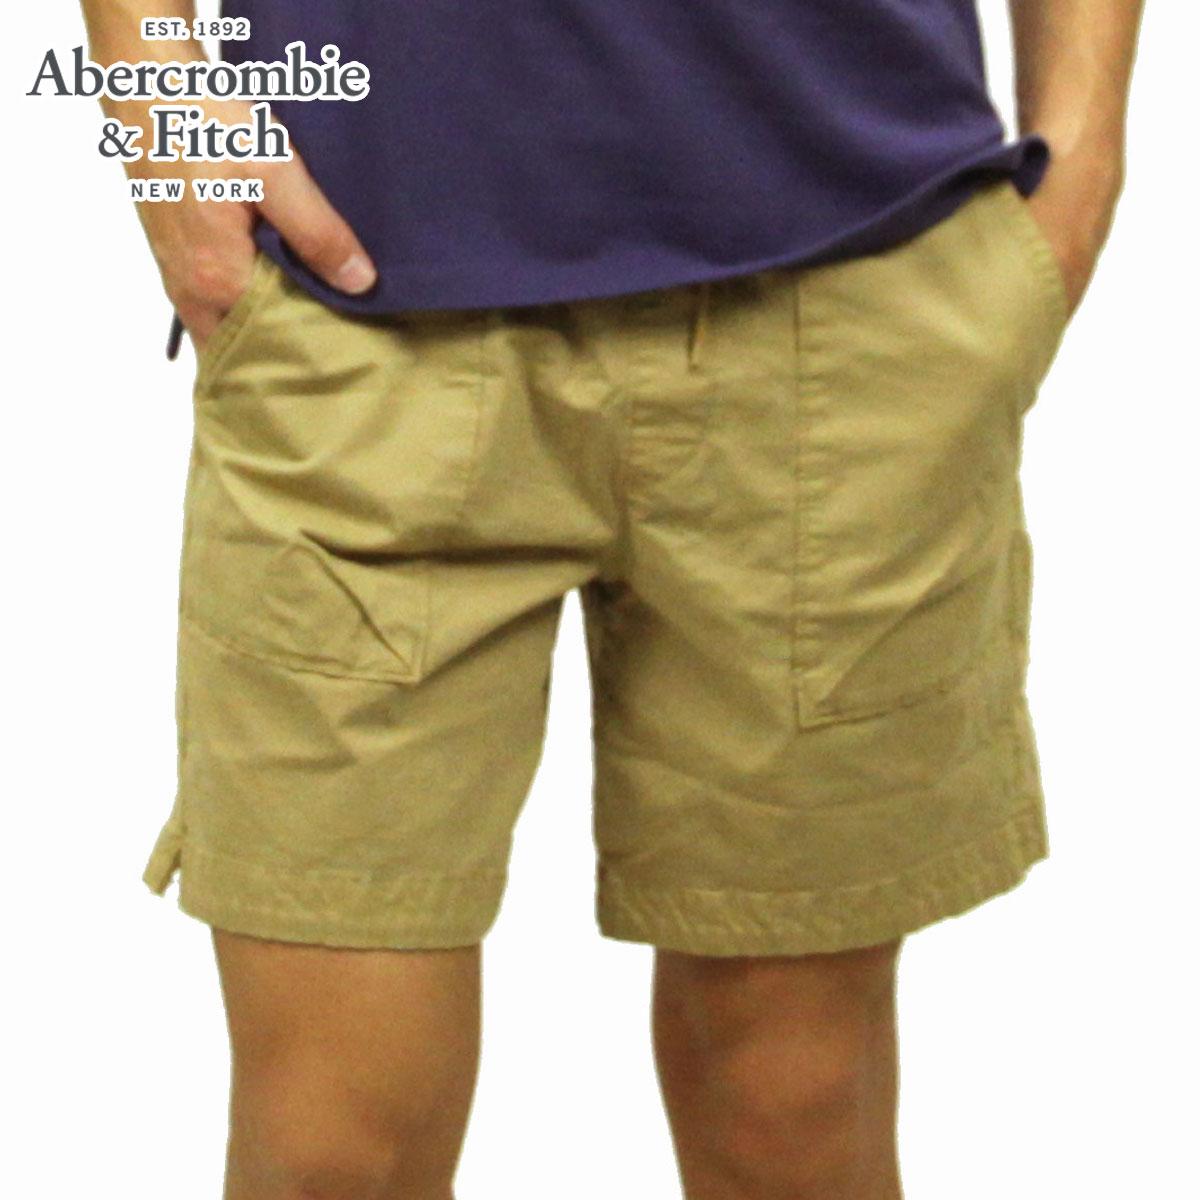 アバクロ ショートパンツ メンズ 正規品 Abercrombie&Fitch ボトムス ハーフパンツ PULL-ON SHORTS 128-283-0865-475